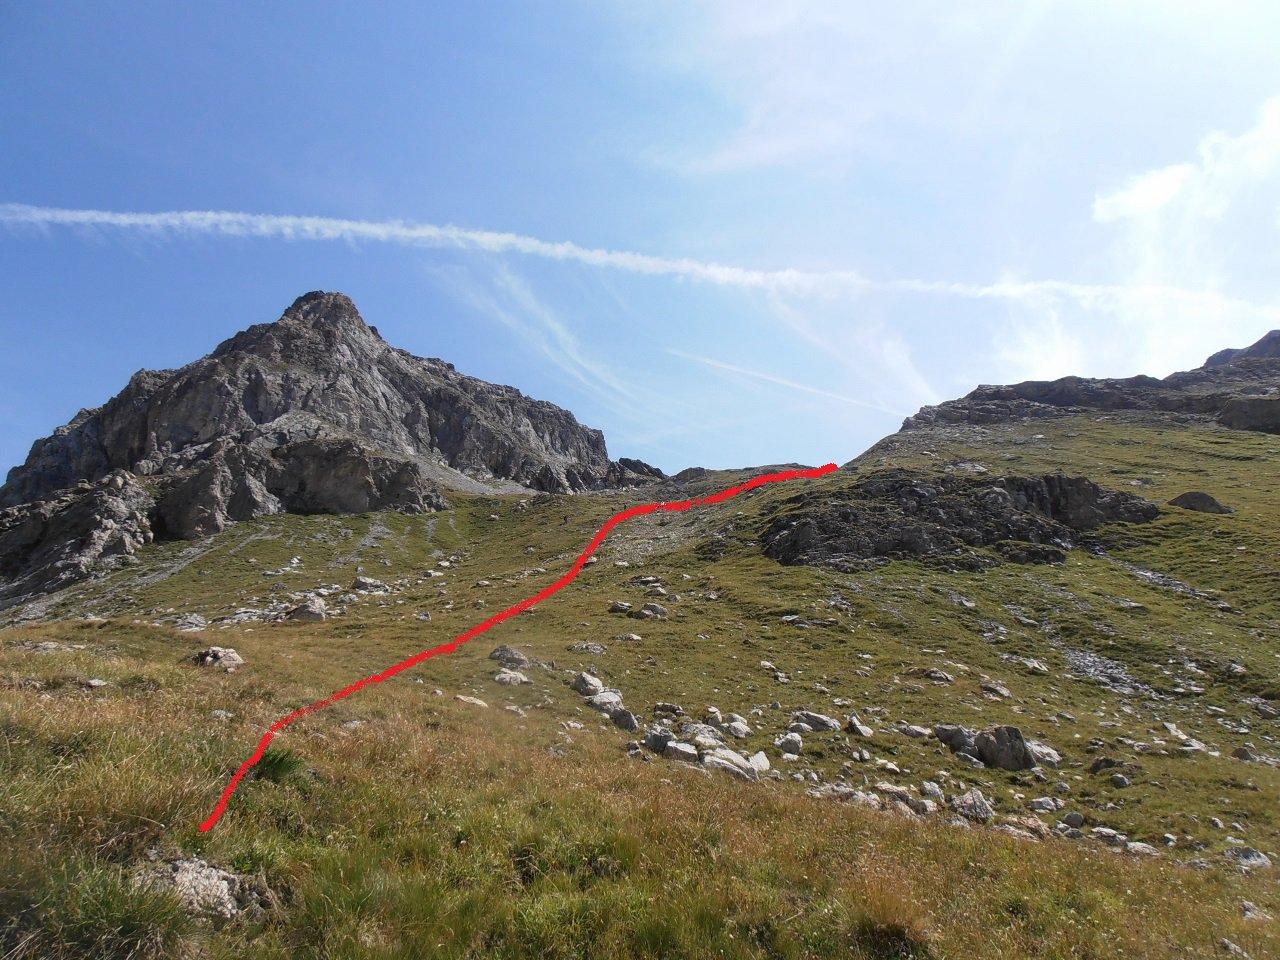 05 - direzione da seguire quando si abbandona il sentiero a 2350